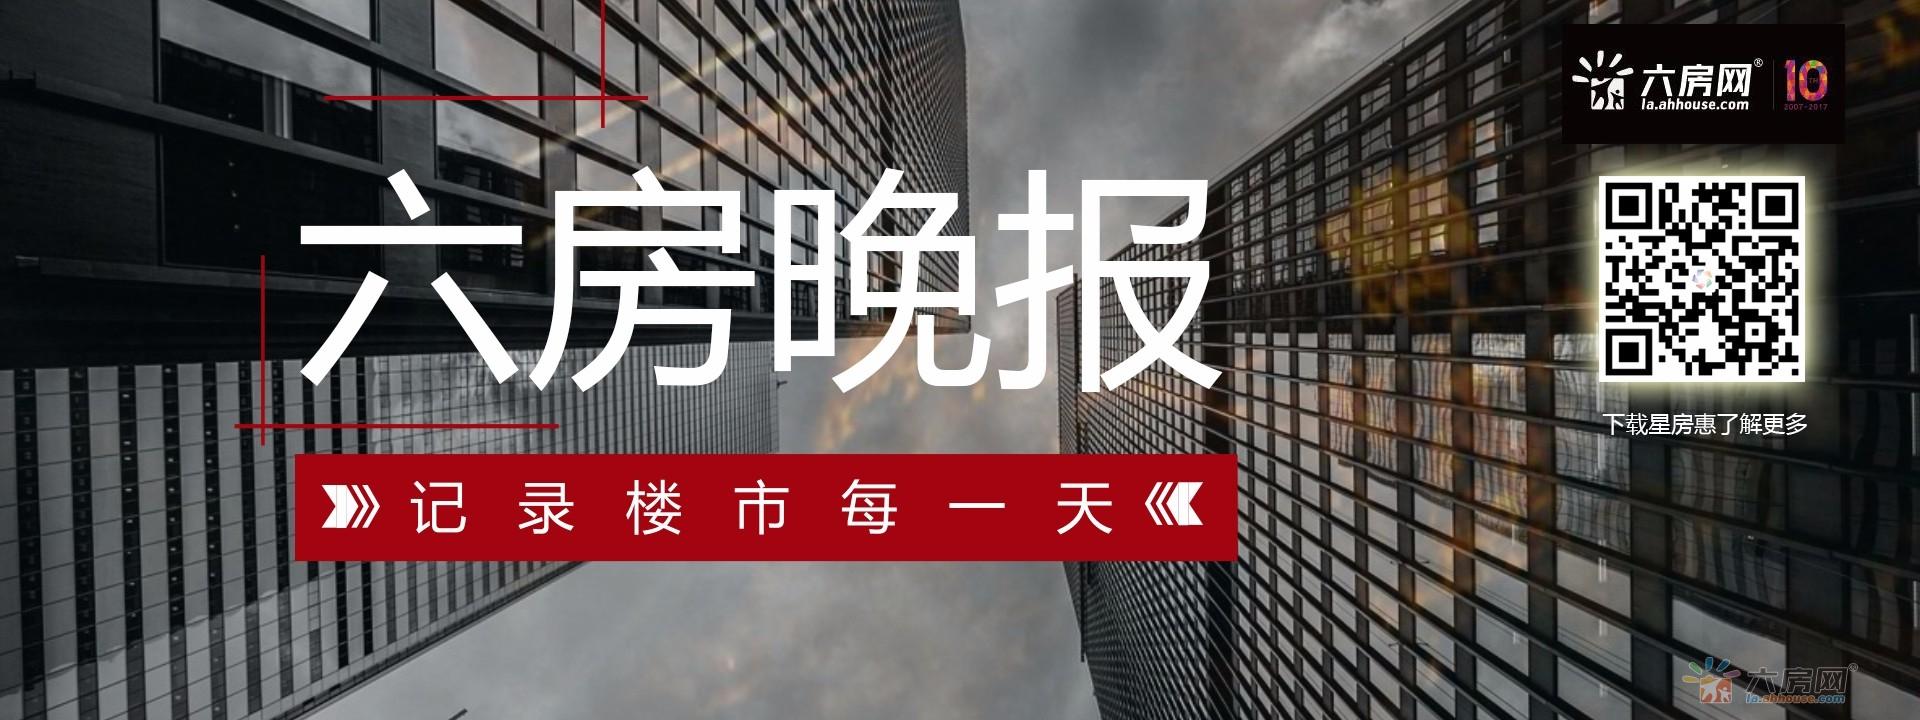 11月14日六房网晚报:六安至合肥将有市郊快线